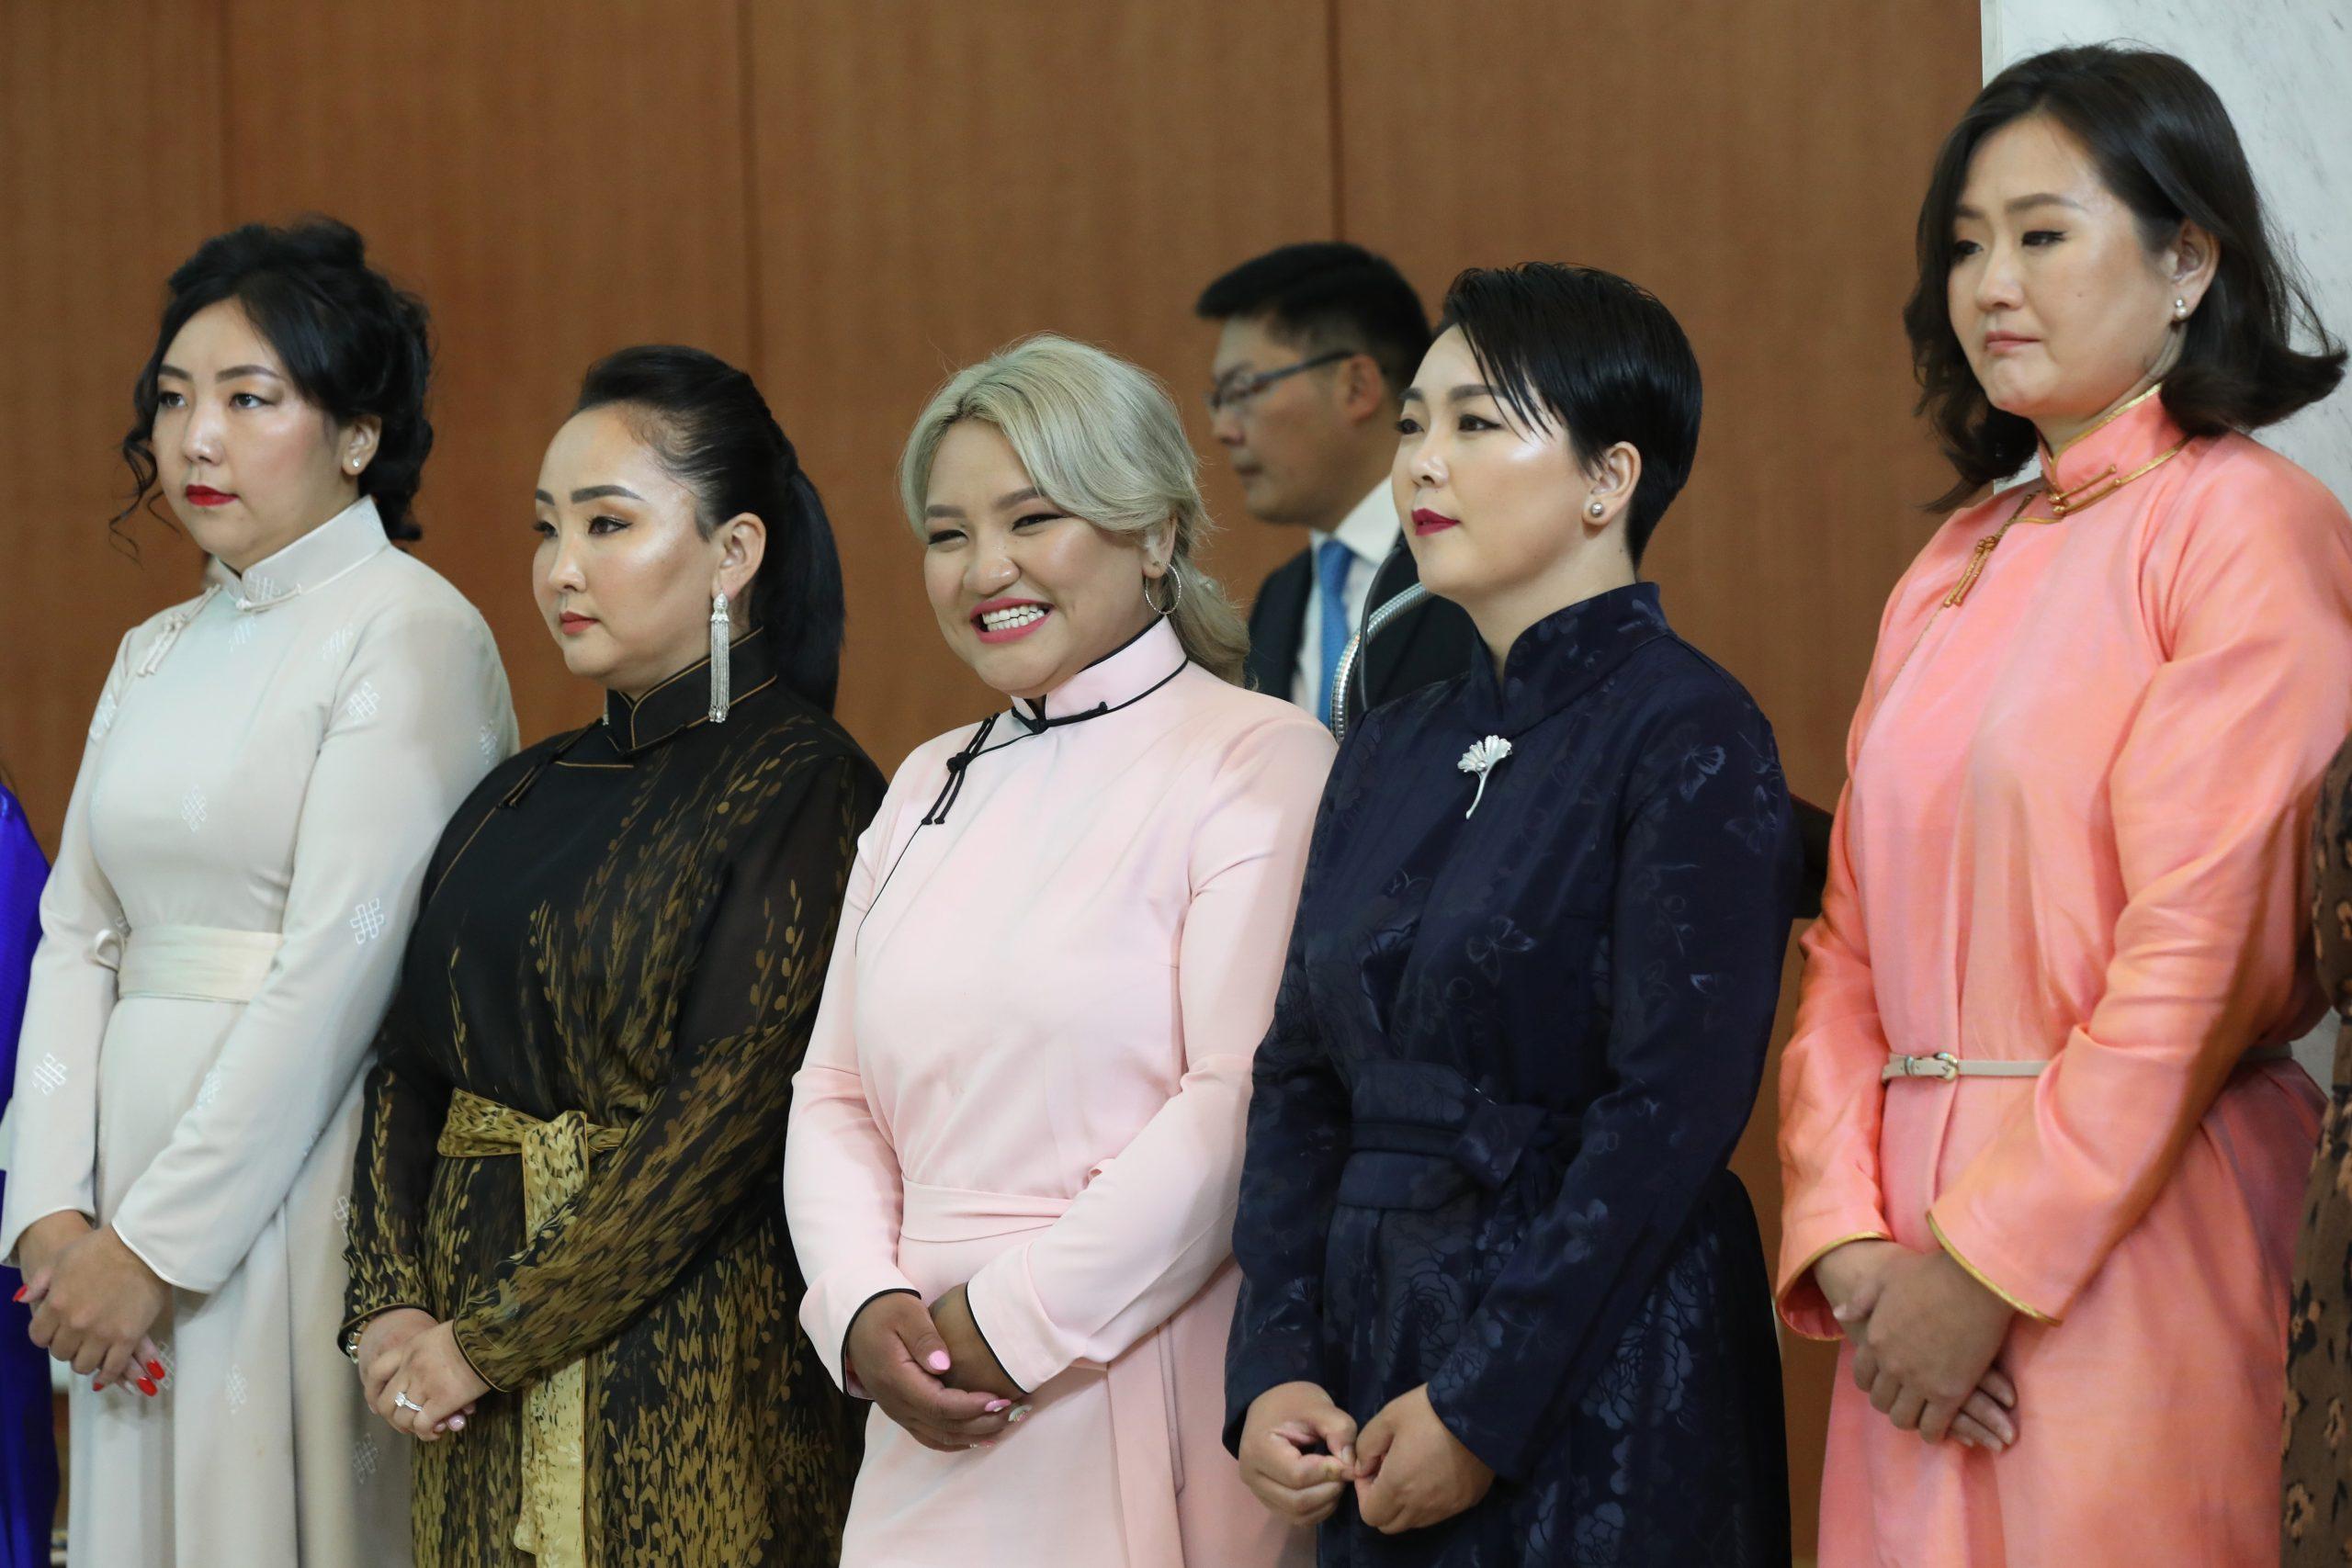 Монгол Улсын Ерөнхийлөгч Х.Баттулга: Хүн амаа өсгөх бодлогоо хэзээ ч орхиж, дутааж болохгүй